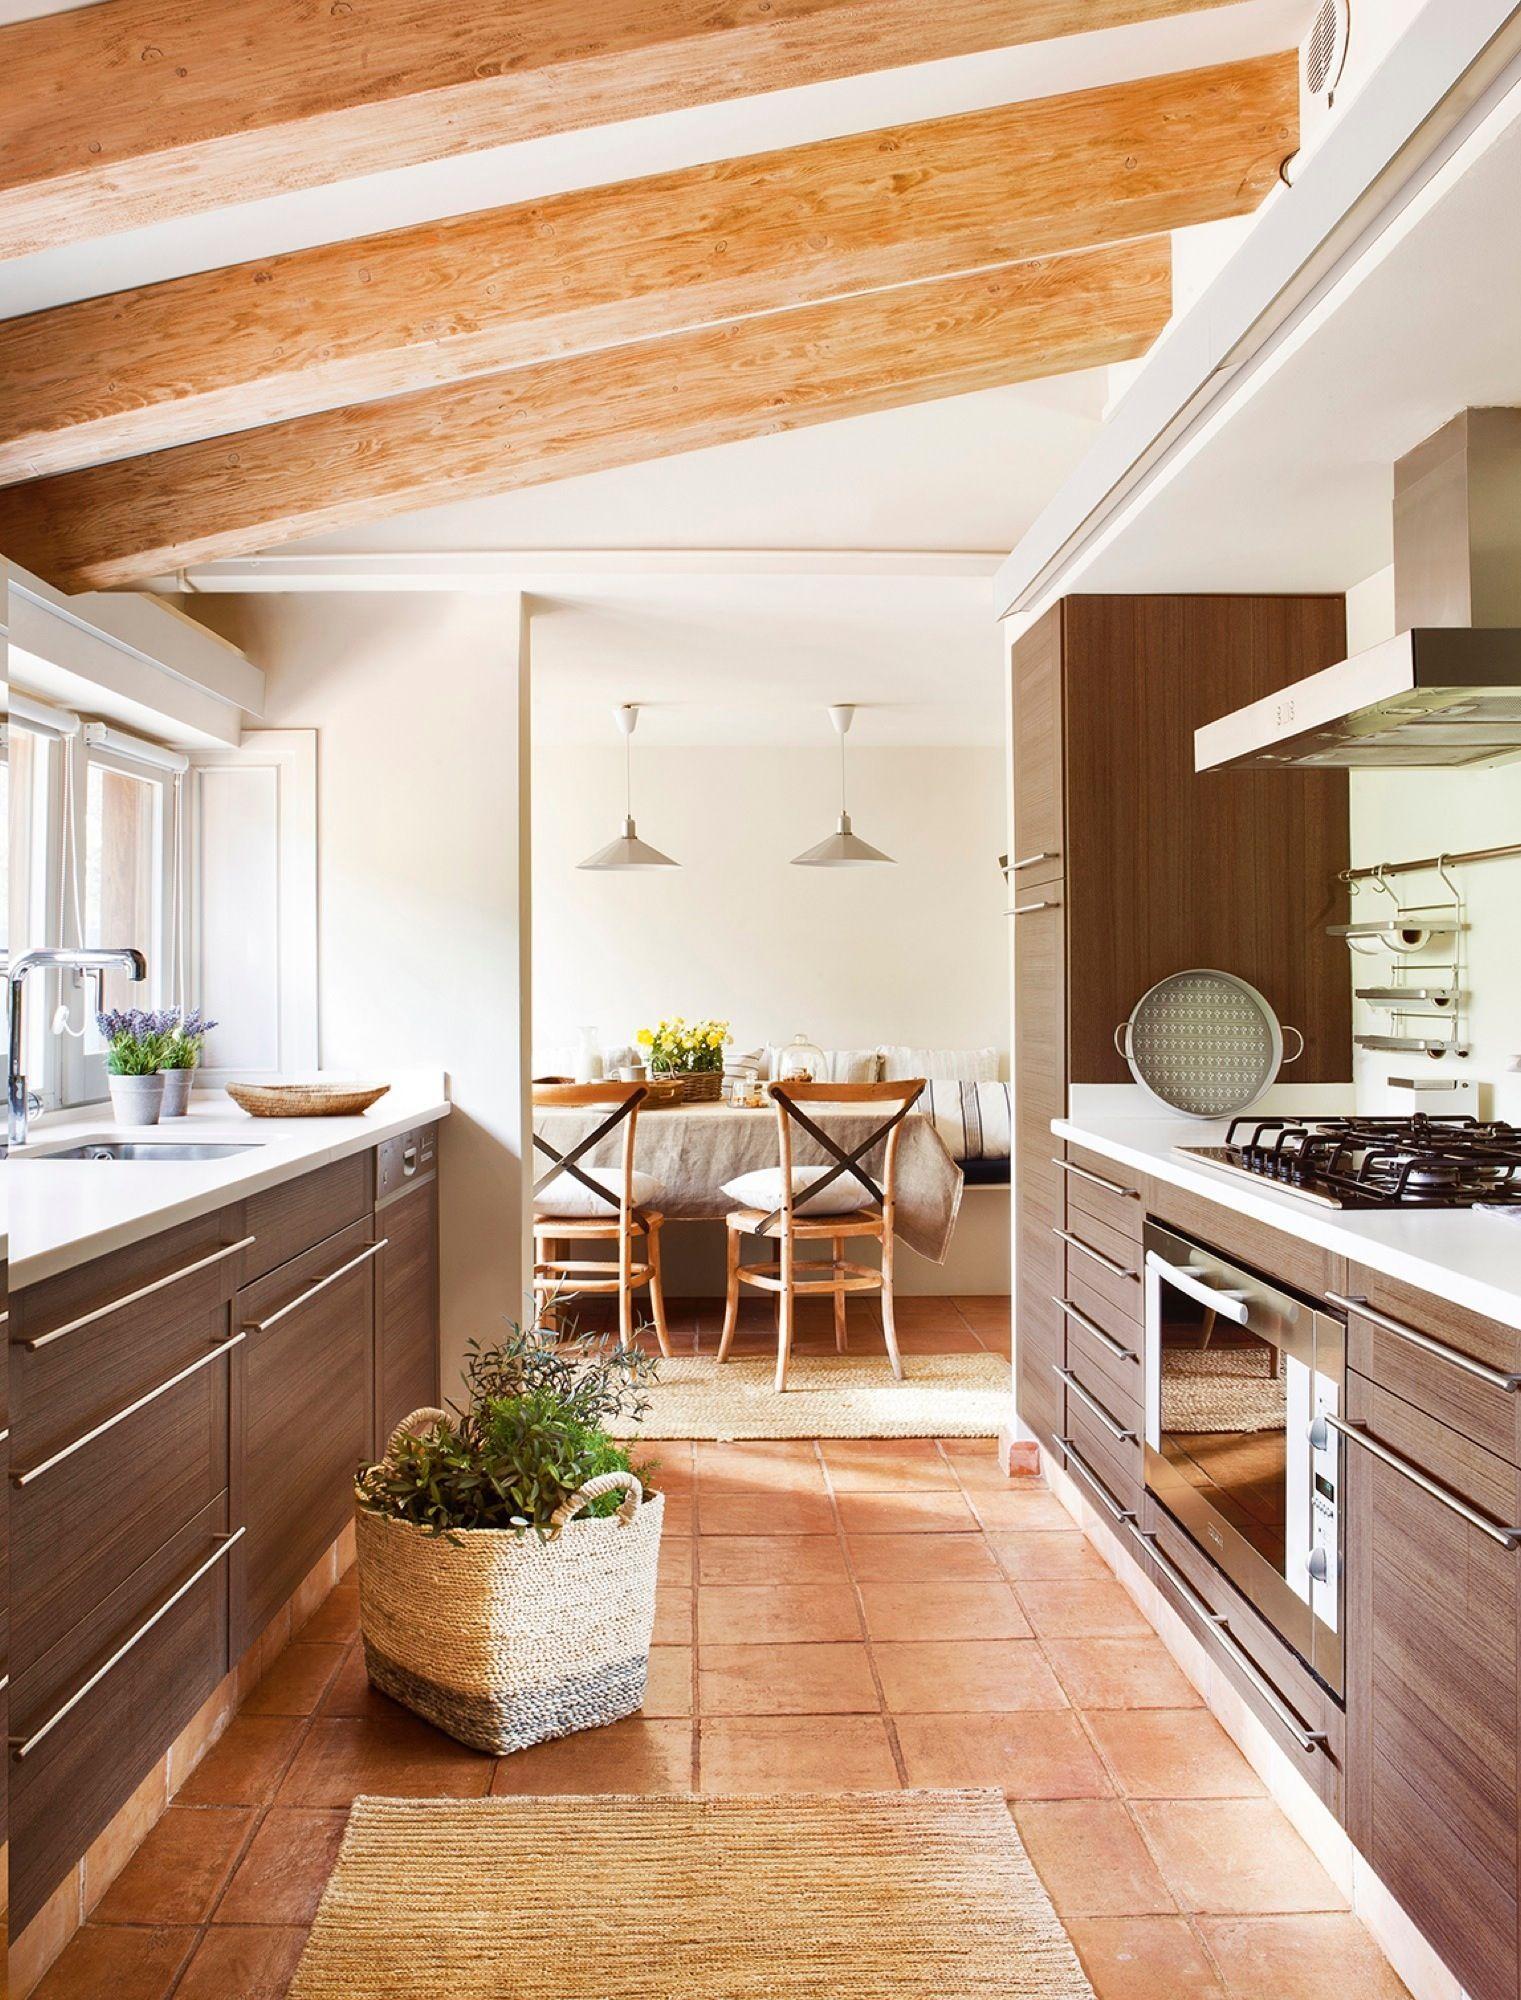 Espacios Comunes Decoracion De Cocina Cocina Madera Muebles De